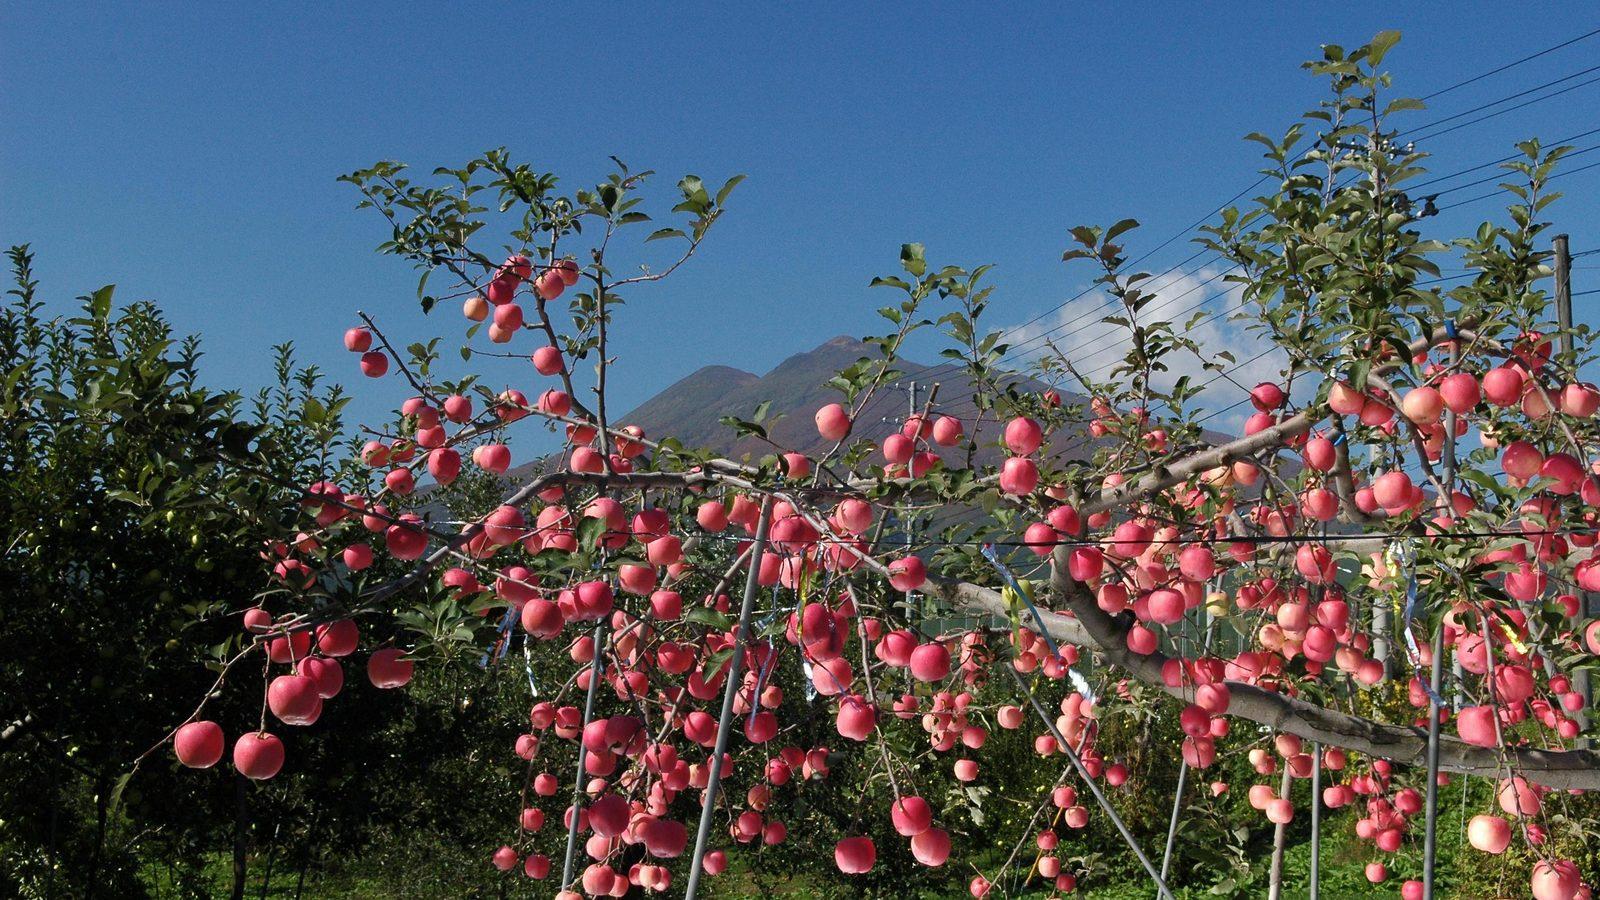 日本一のリンゴの産地は「コーヒーの街」だった スタバも注目するレトロ喫茶の聖地